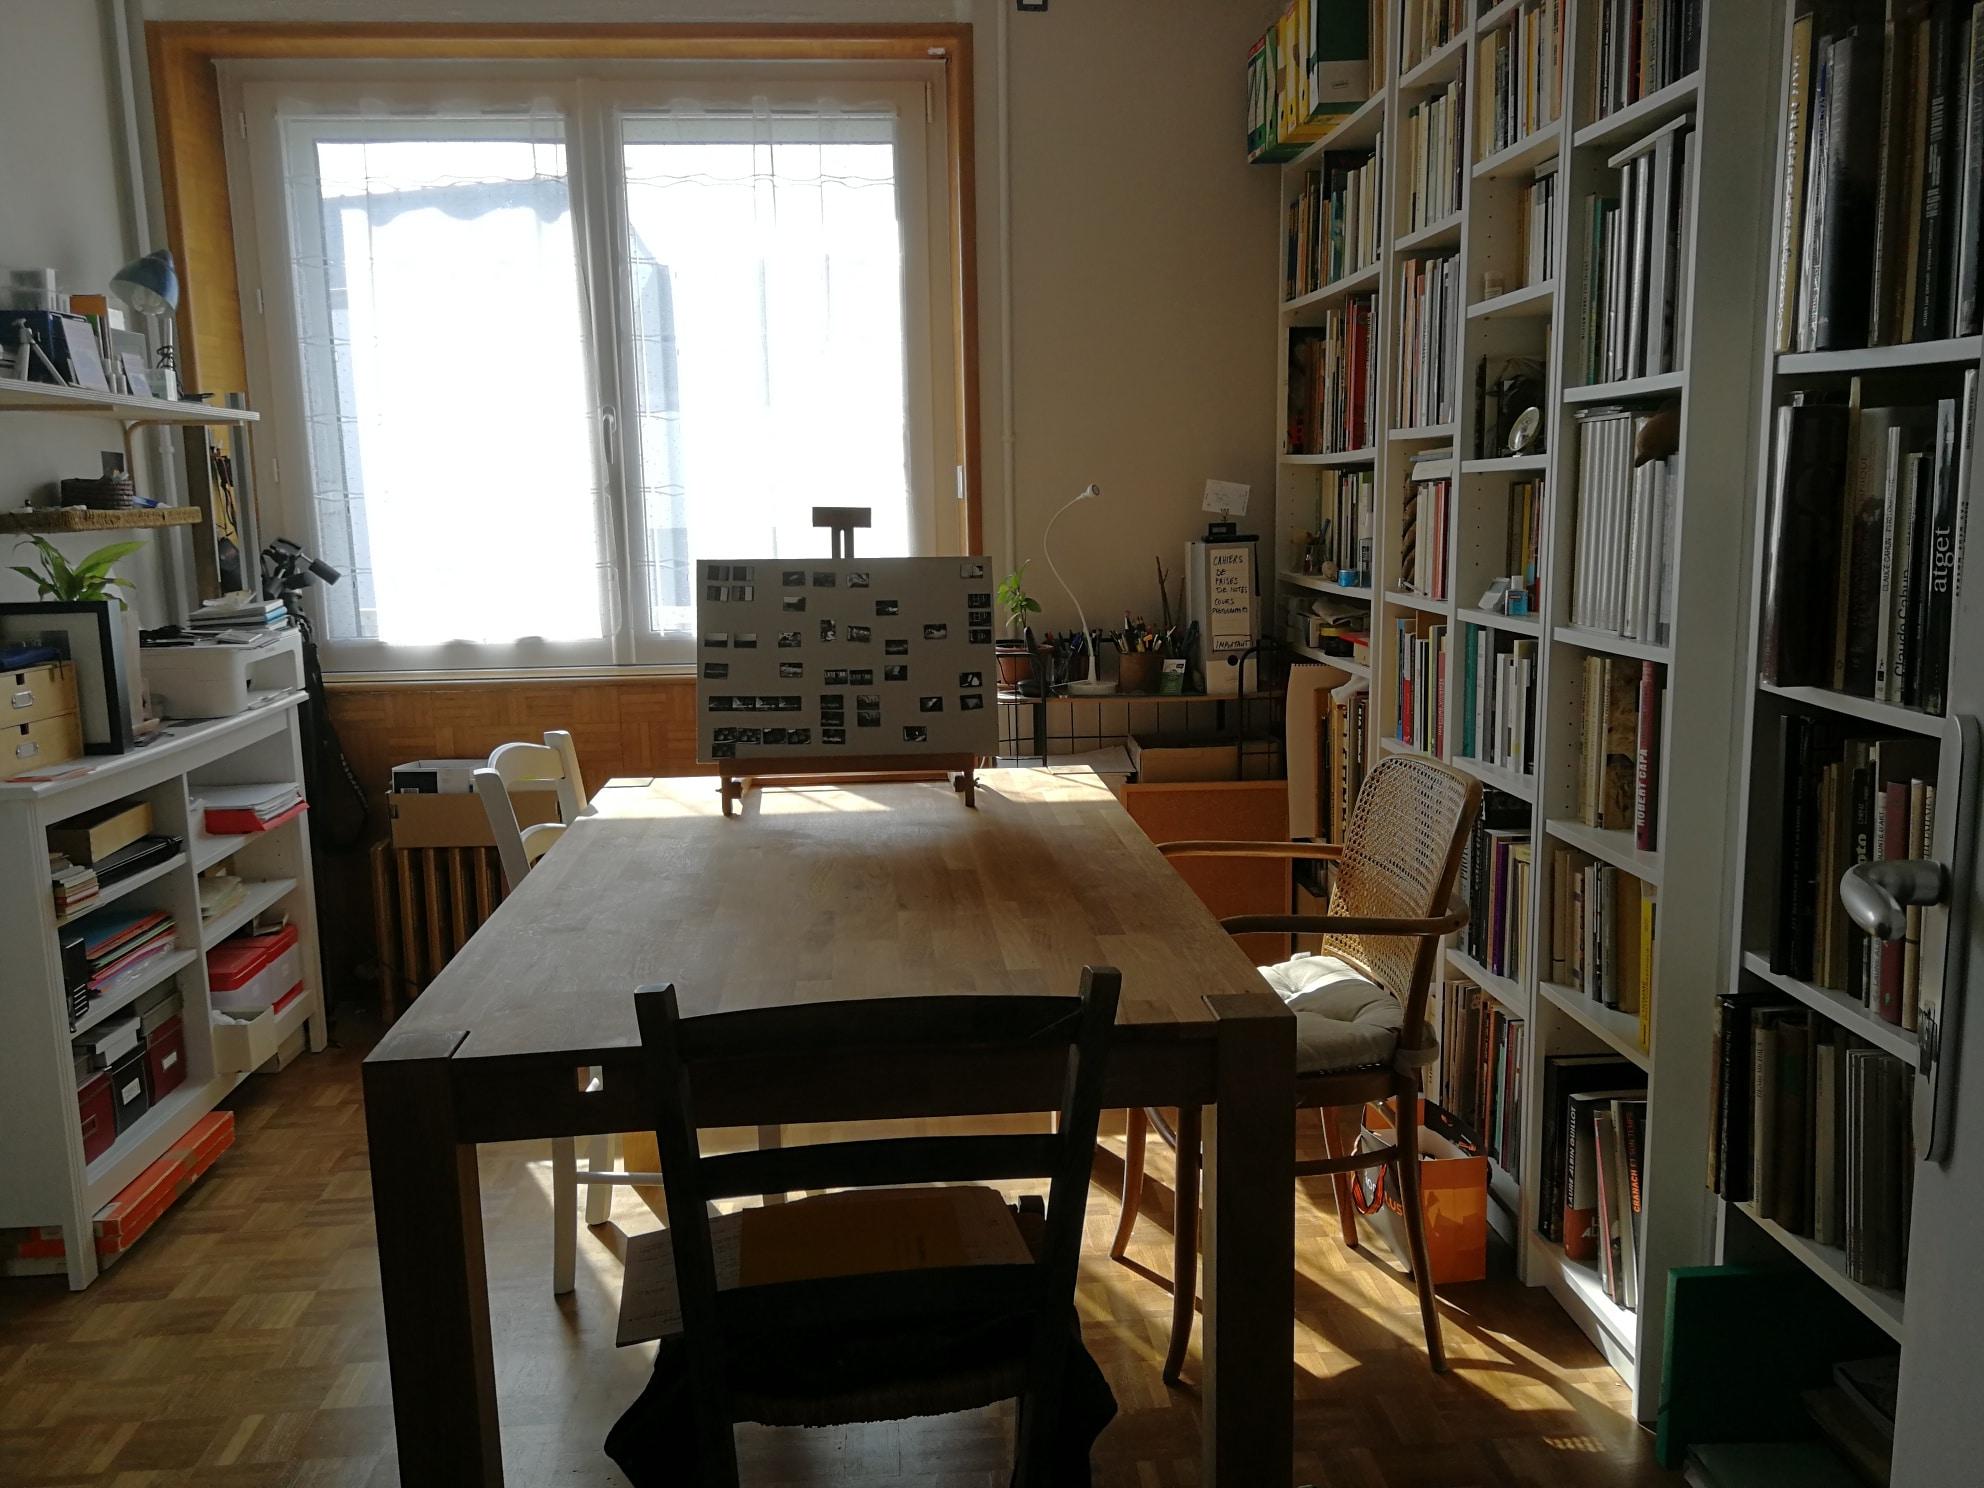 Les yeux de l'imaginaire. La salle de cours avec sa grande bibliothèque de livres photos et la table de travail.